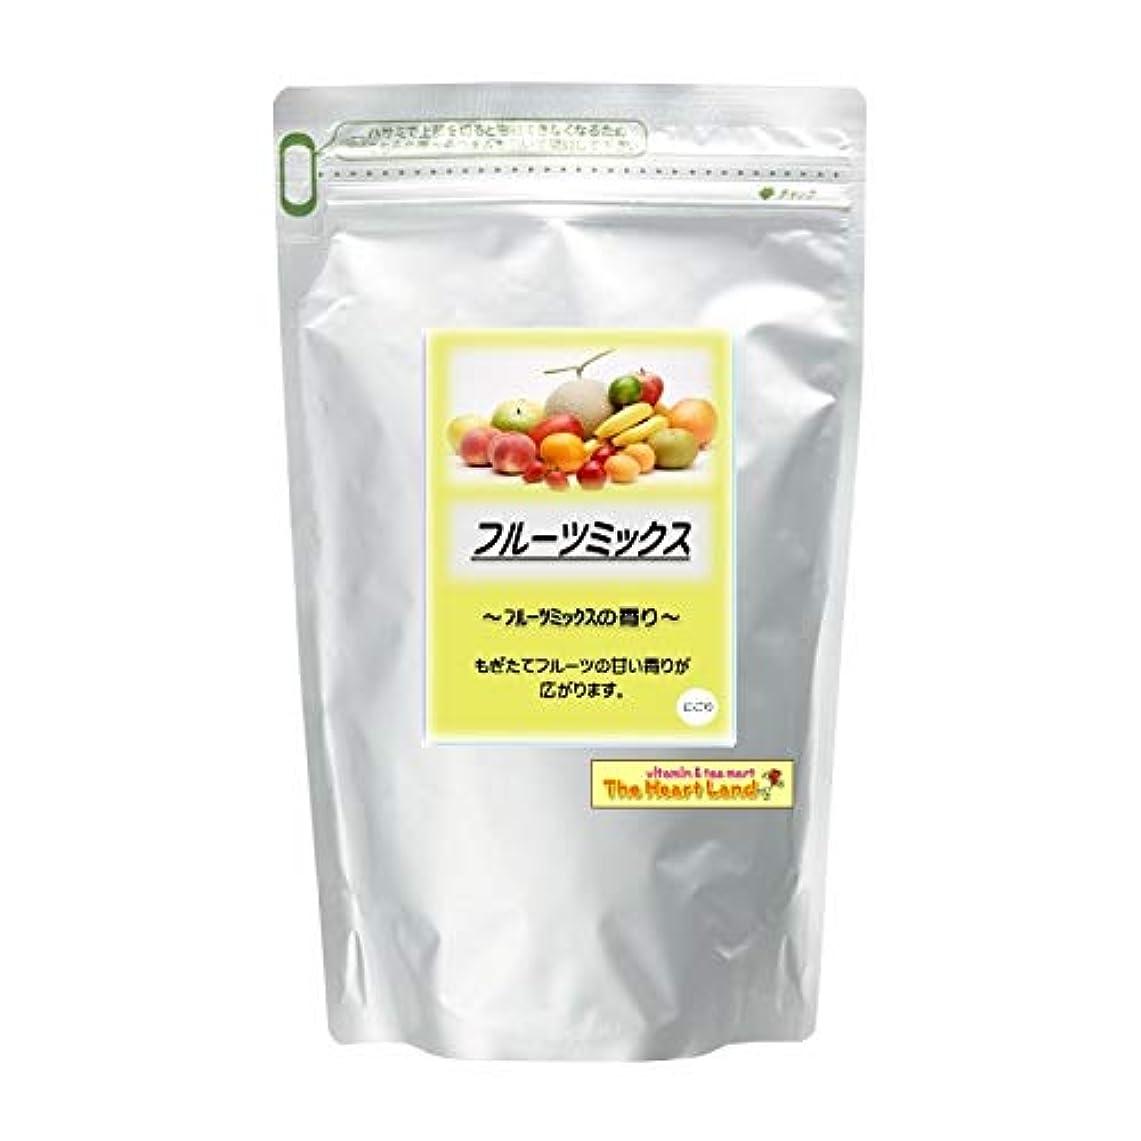 想定する療法緑アサヒ入浴剤 浴用入浴化粧品 フルーツミックス 300g